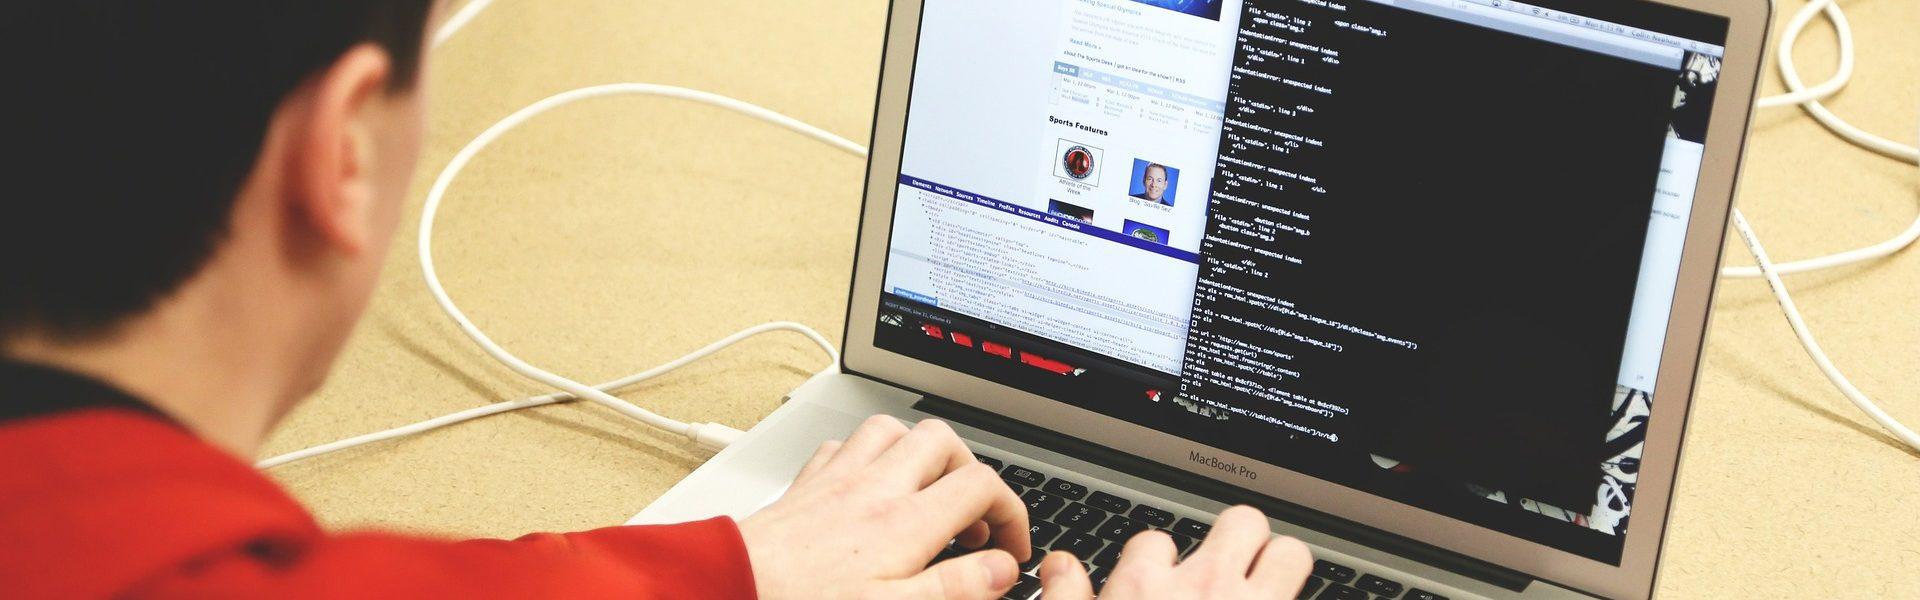 Linux: Einfach E-Mails versenden mit msmtp